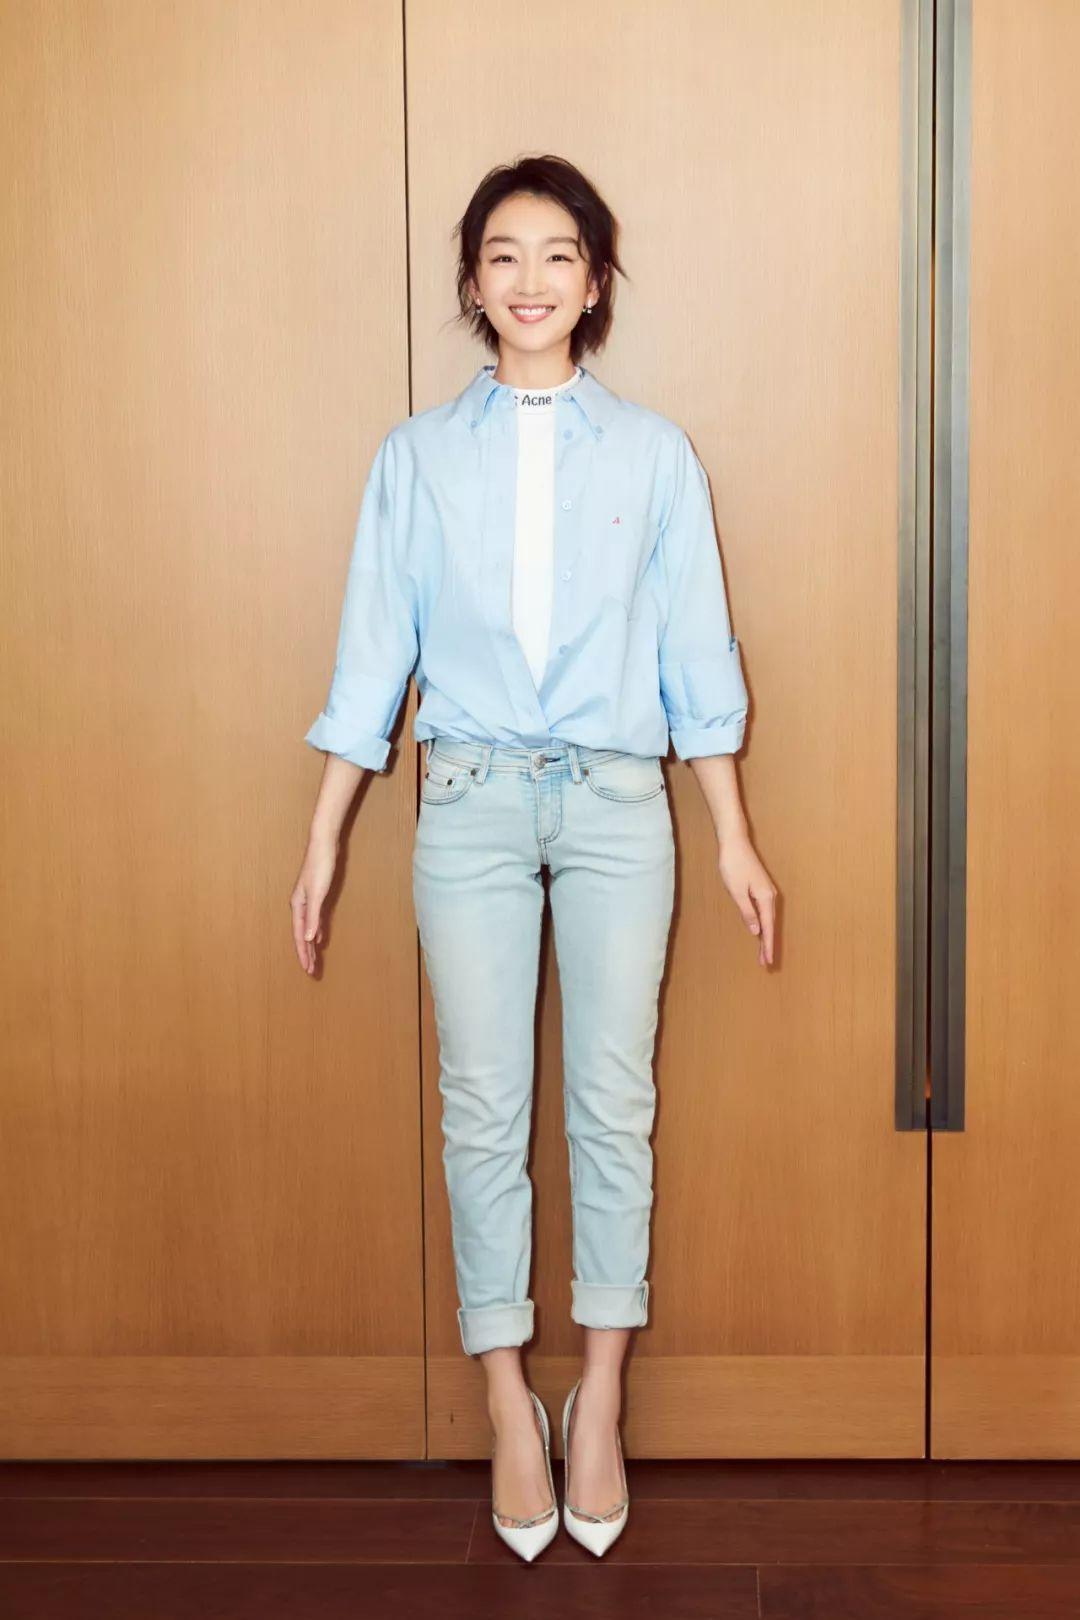 买不起佟丽娅的4000块衬衫,张俪这件399元Zara不了解一下?